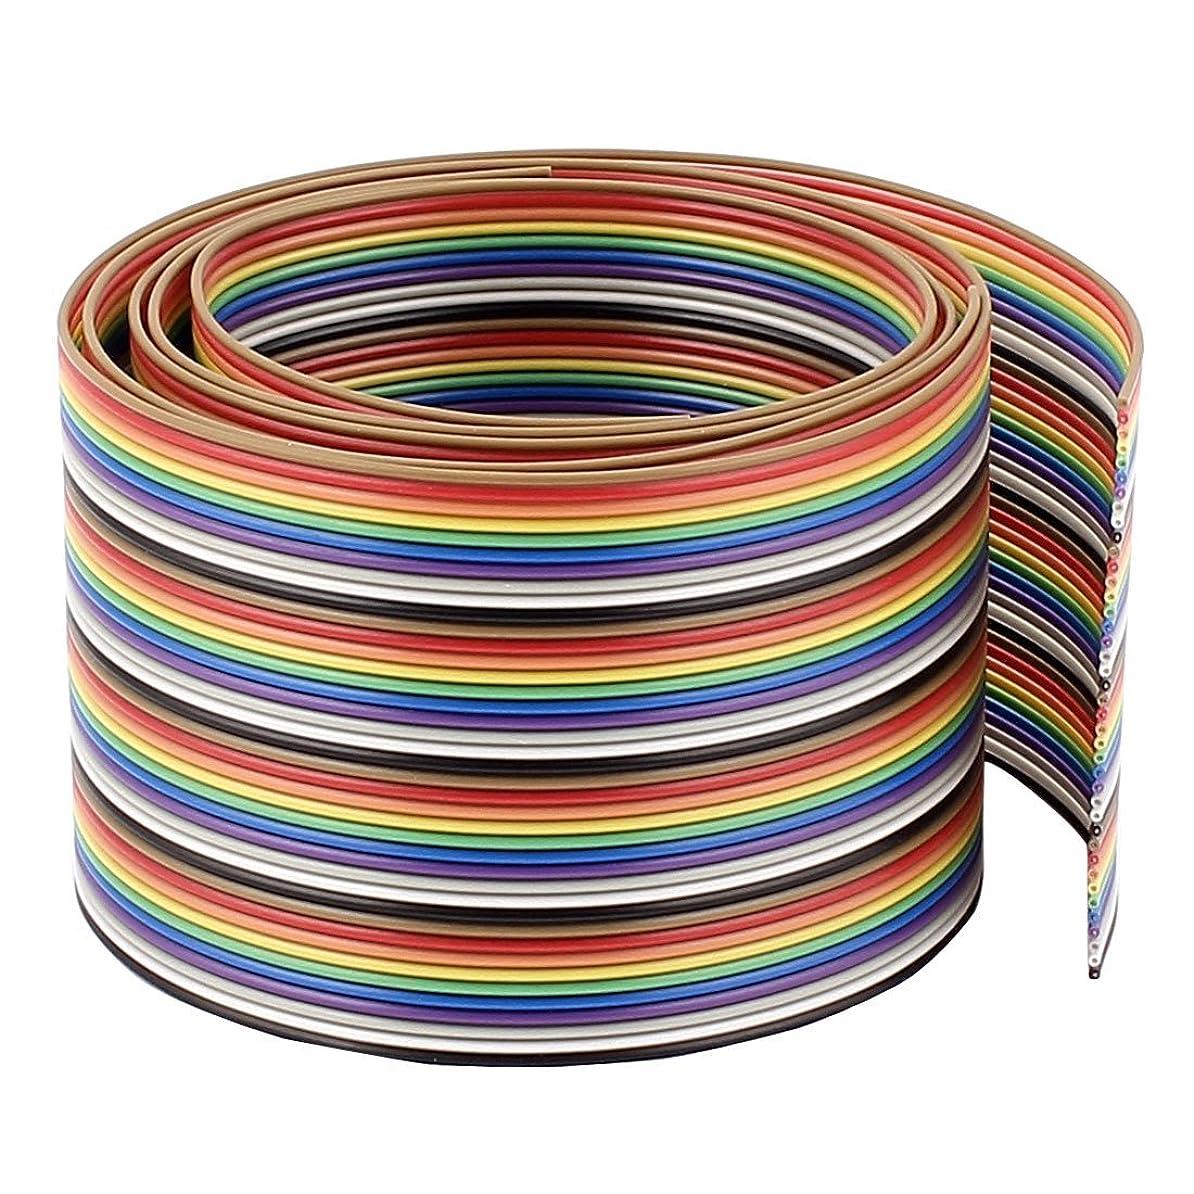 休暇心から花瓶40ピン40ウェイフラットIDCリボンケーブルコネクタ50センチメートル2PCS虹色